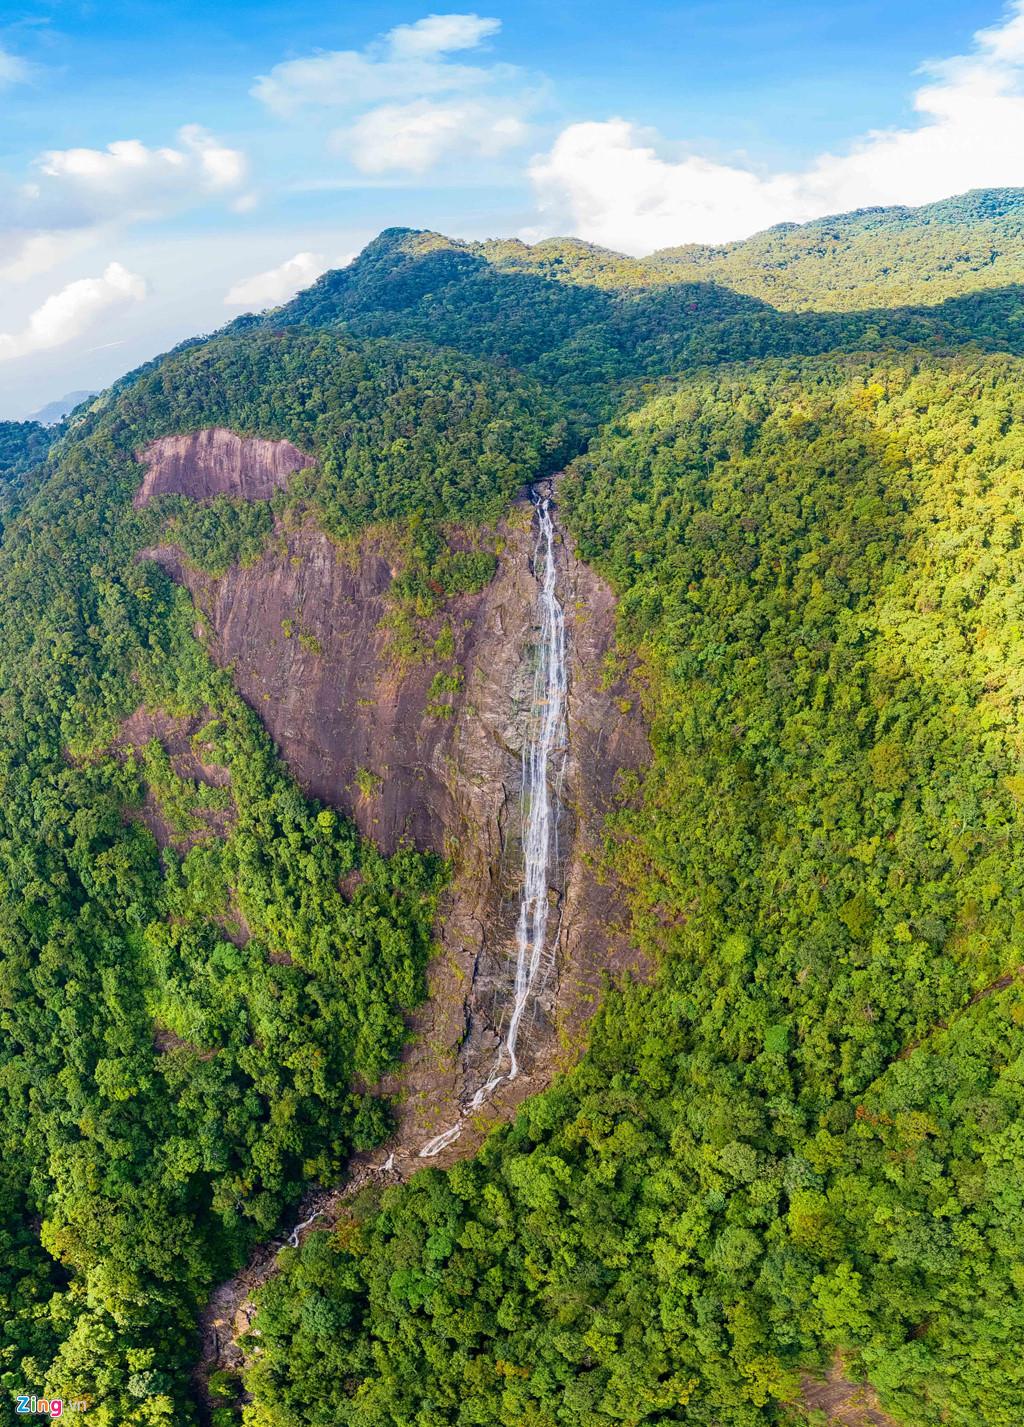 Với tổng diện tích gần 37.500 ha, đến đây, du khách sẽ được tìm hiểu về hệ động thực vật phong phú, ngắm nhìn khung cảnh hùng vĩ của núi rừng, cảm nhận thời tiết 4 mùa trong một ngày.